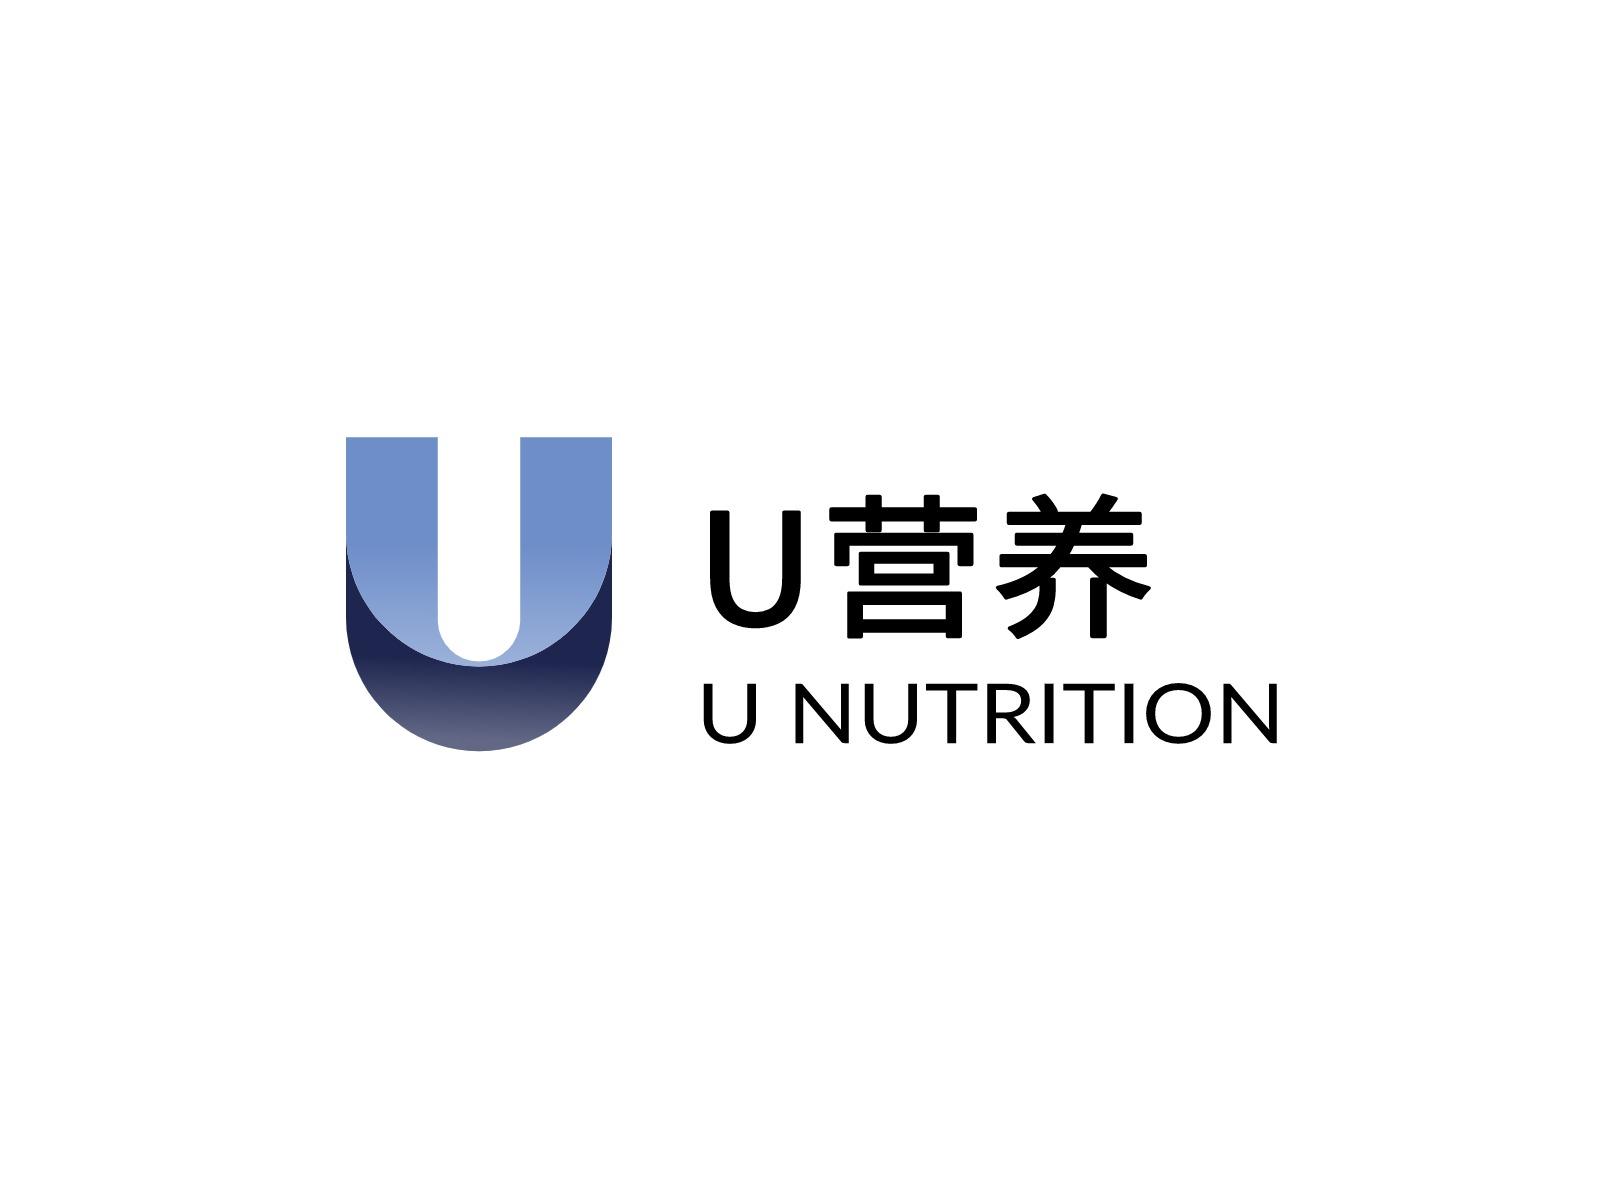 上海UNutrition企业标志设计